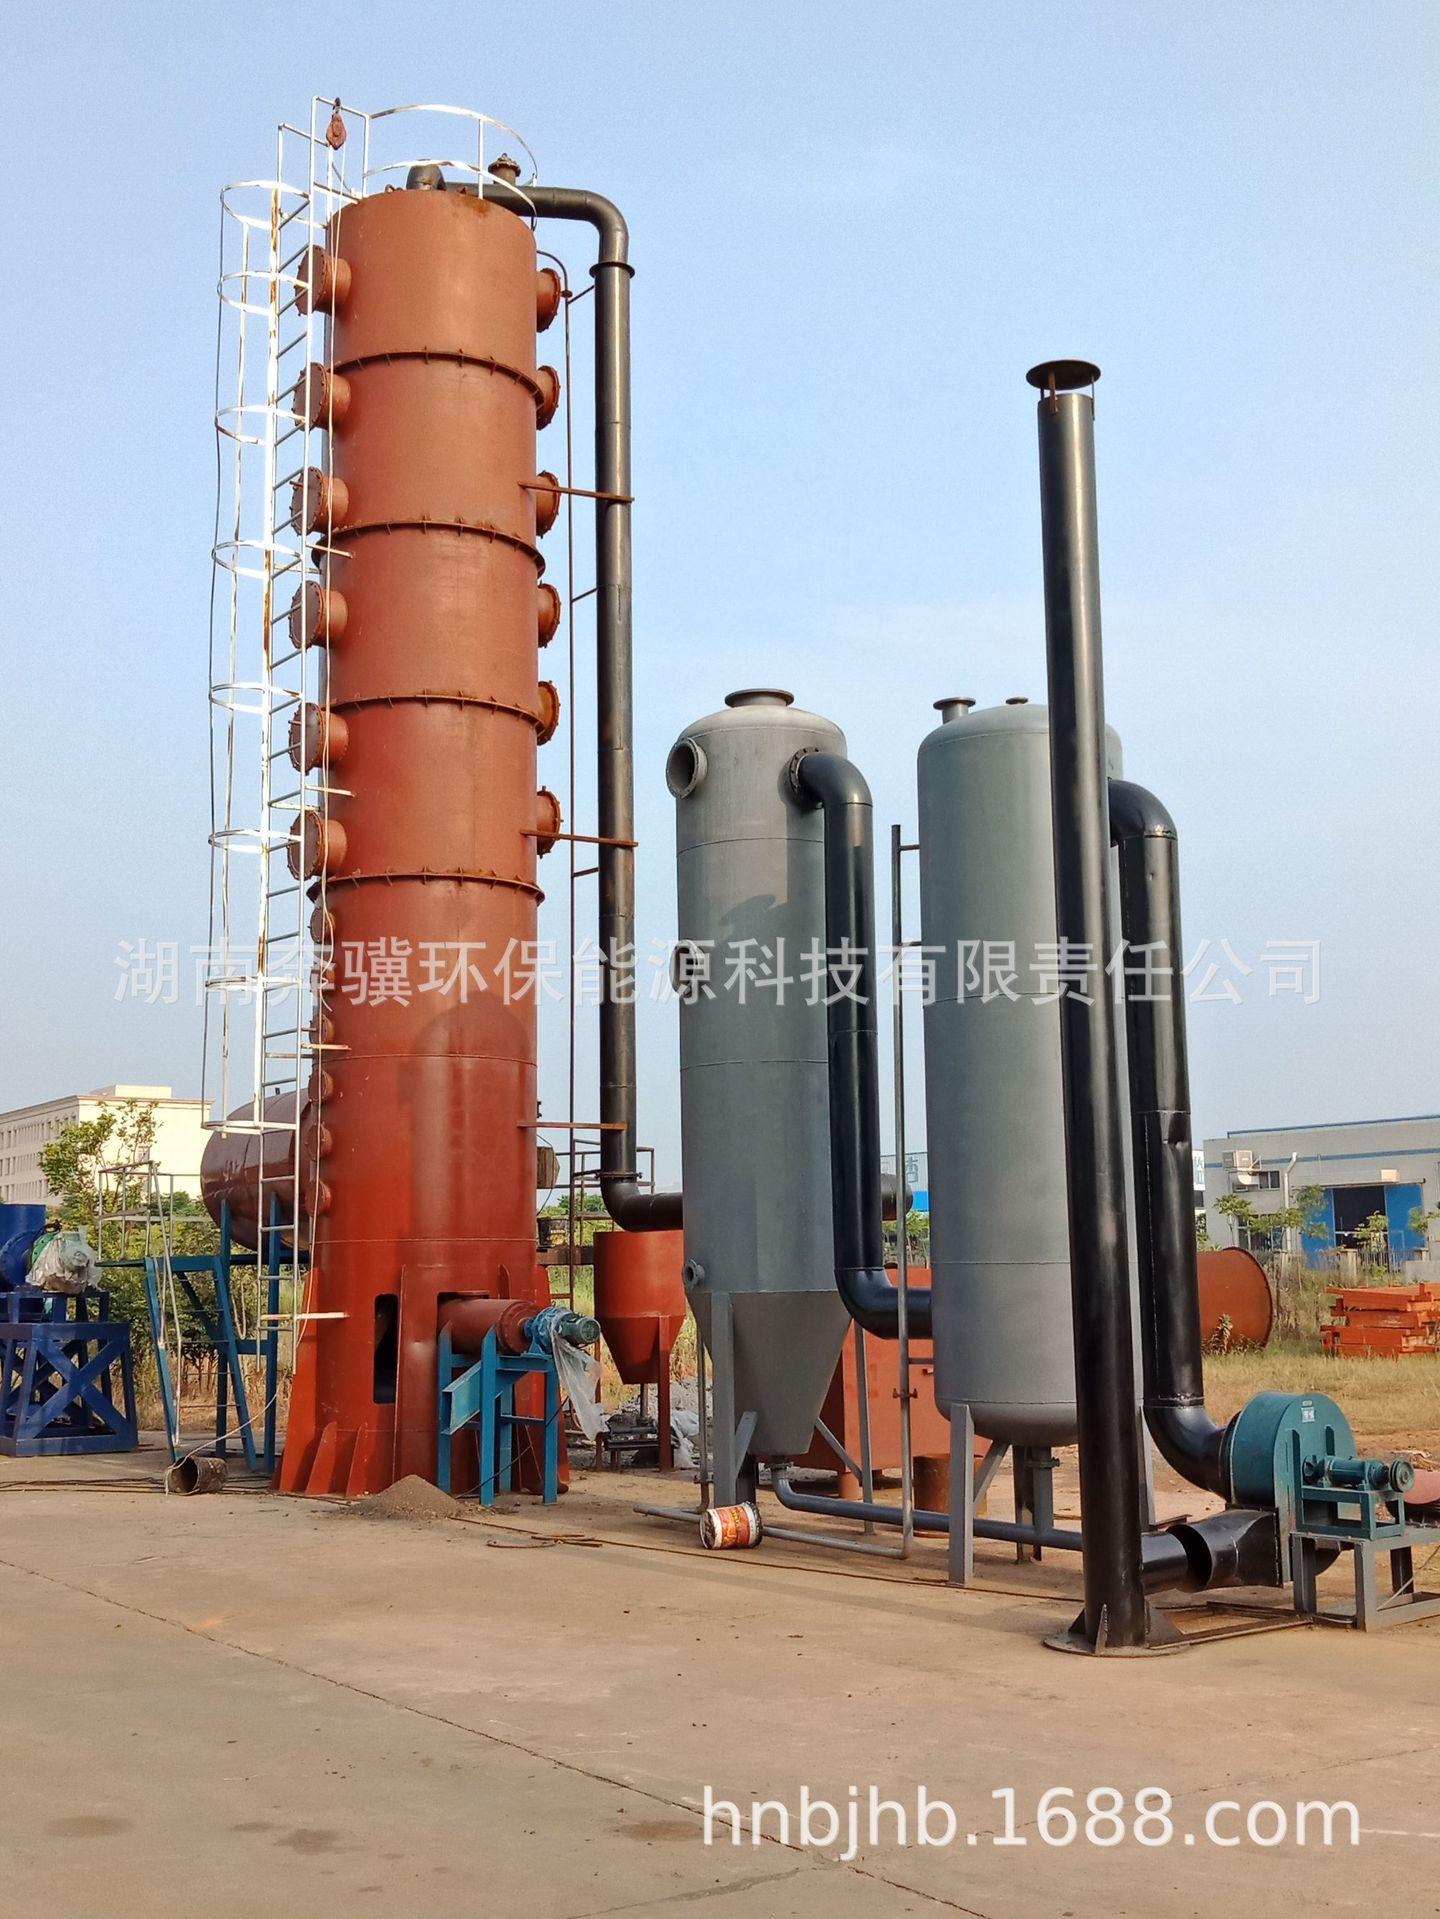 化工污泥干化设备批发_污泥处理设备相关